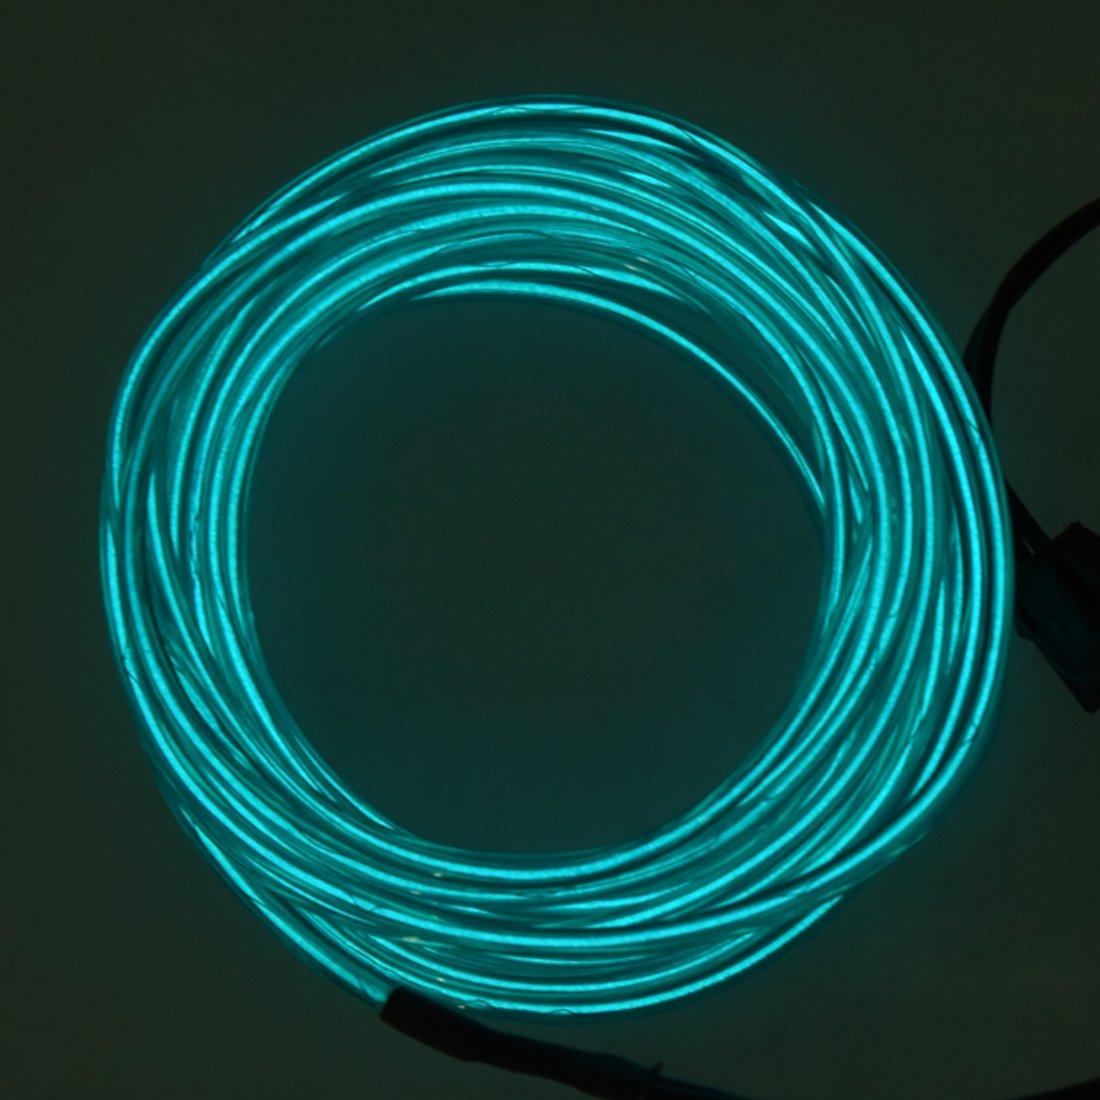 SODIAL(R) Gruen Lichtschnur Leuchtschnur Leuchtdraht EL Neon Kabel ...